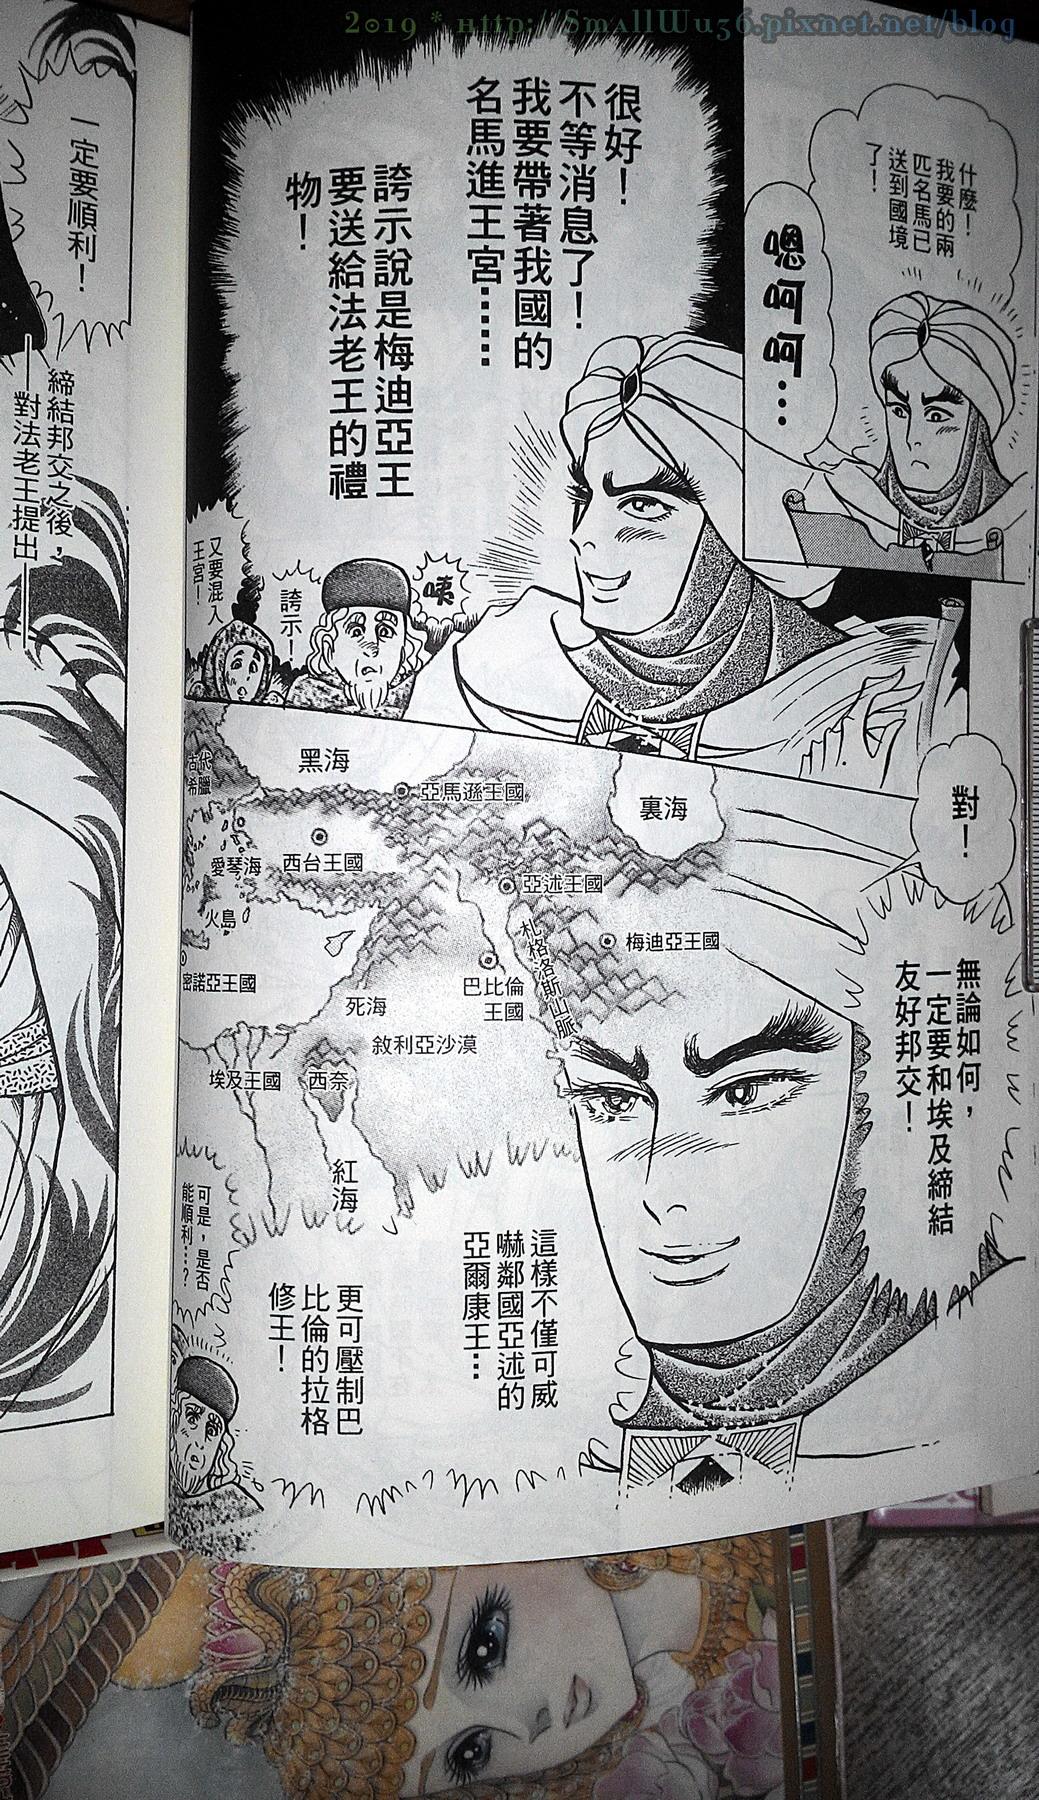 細川智榮子-王家的紋章(尼羅河女兒) 49-50 (長鴻)  vol_48-1.jpg